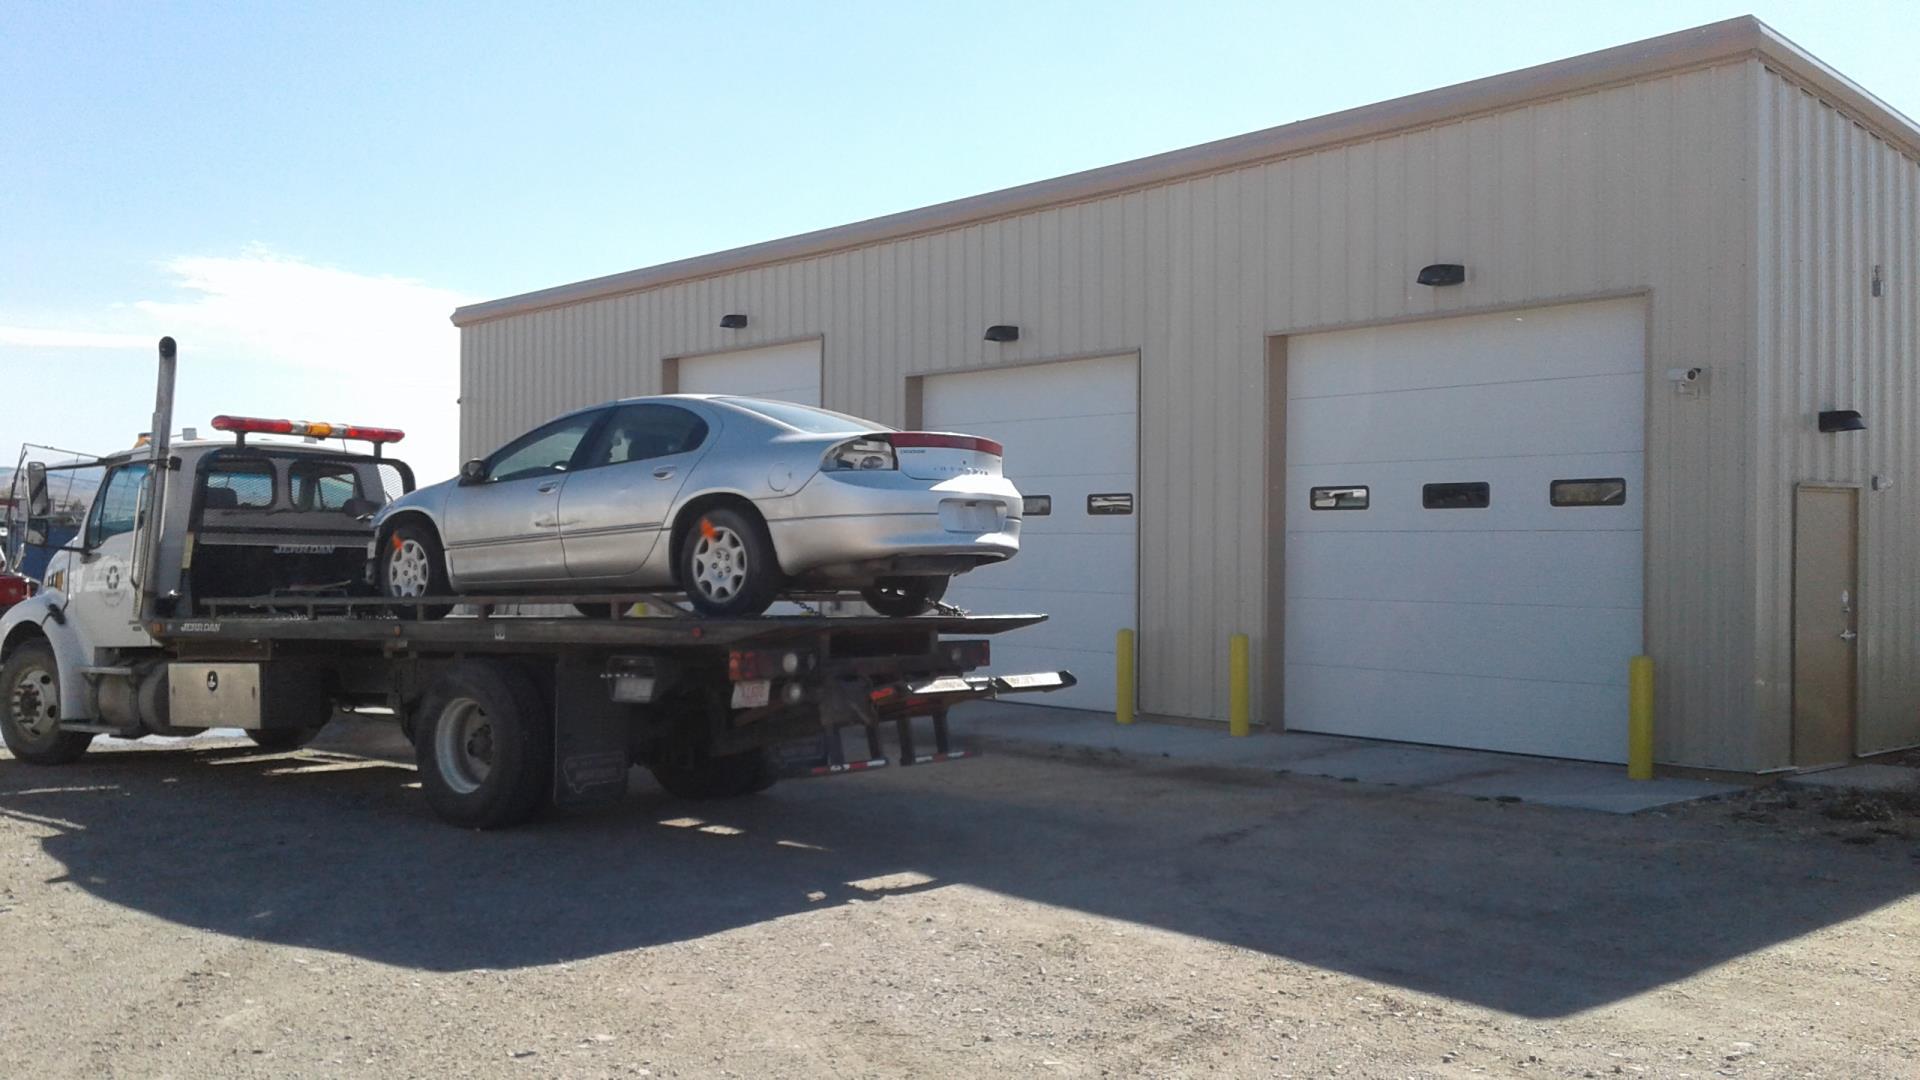 Junk Vehicle Program | Missoula County, MT